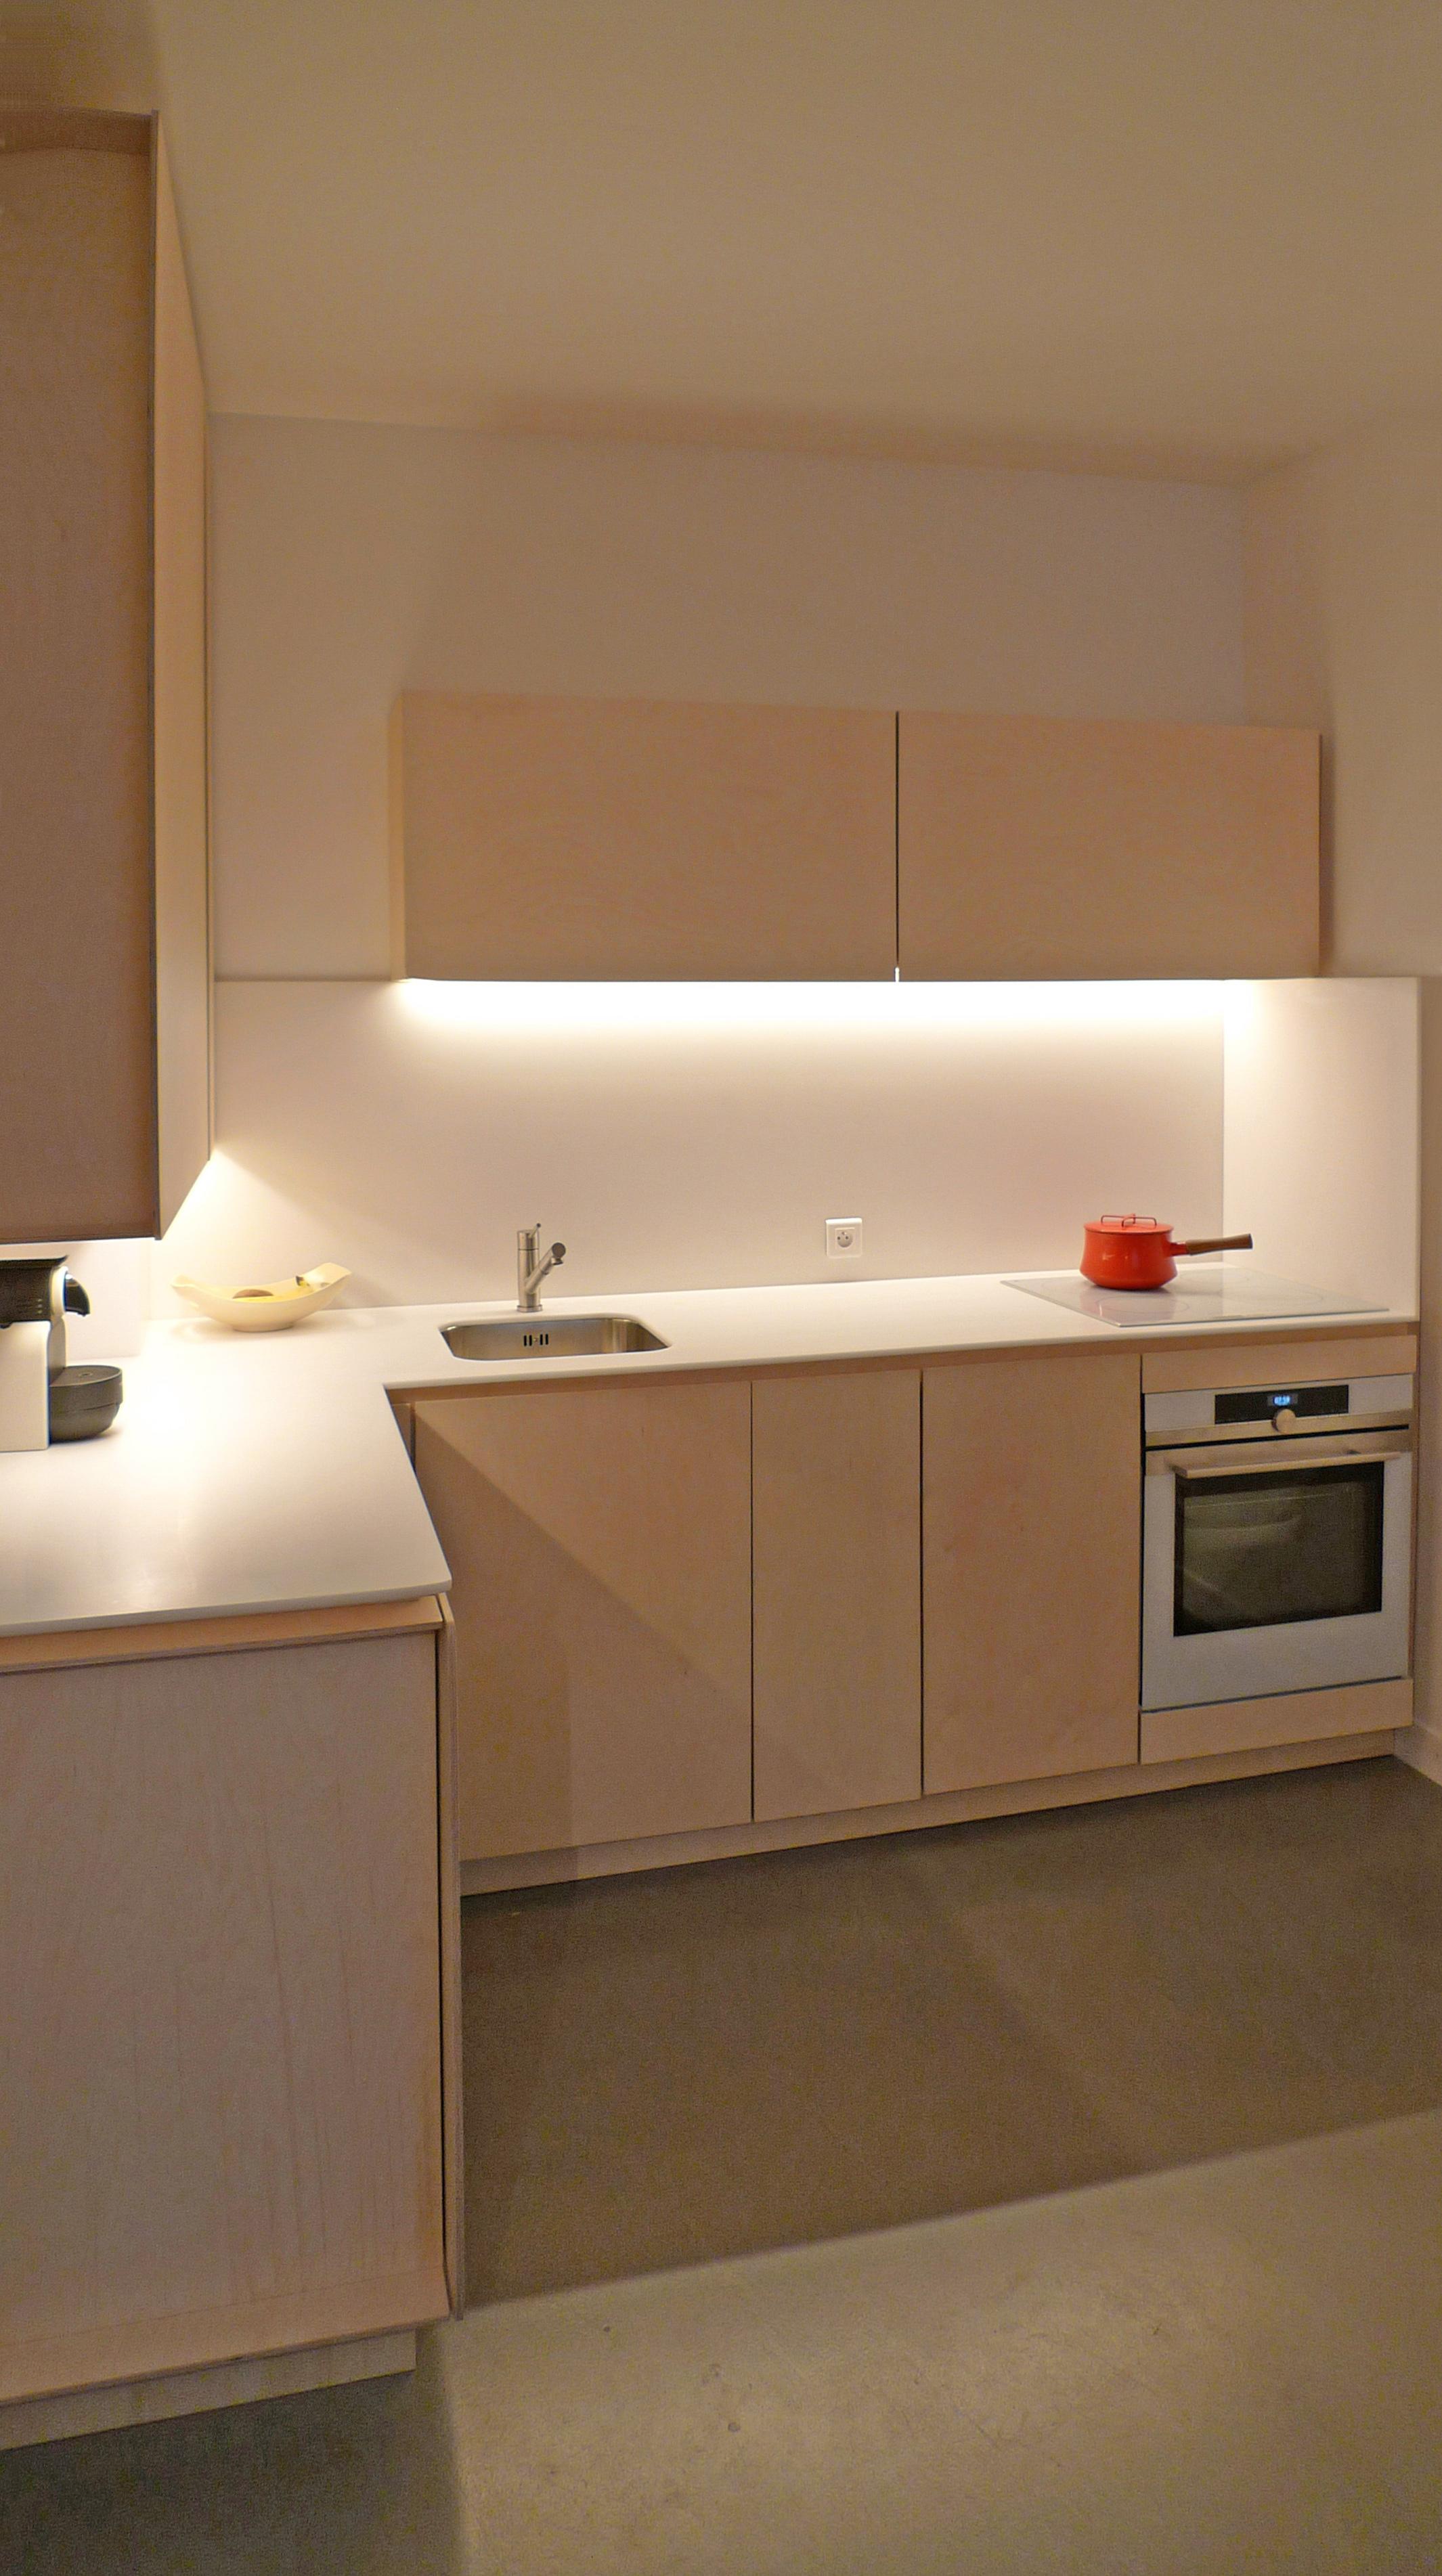 kitchen_a+a cooren_P1080425-a.jpg